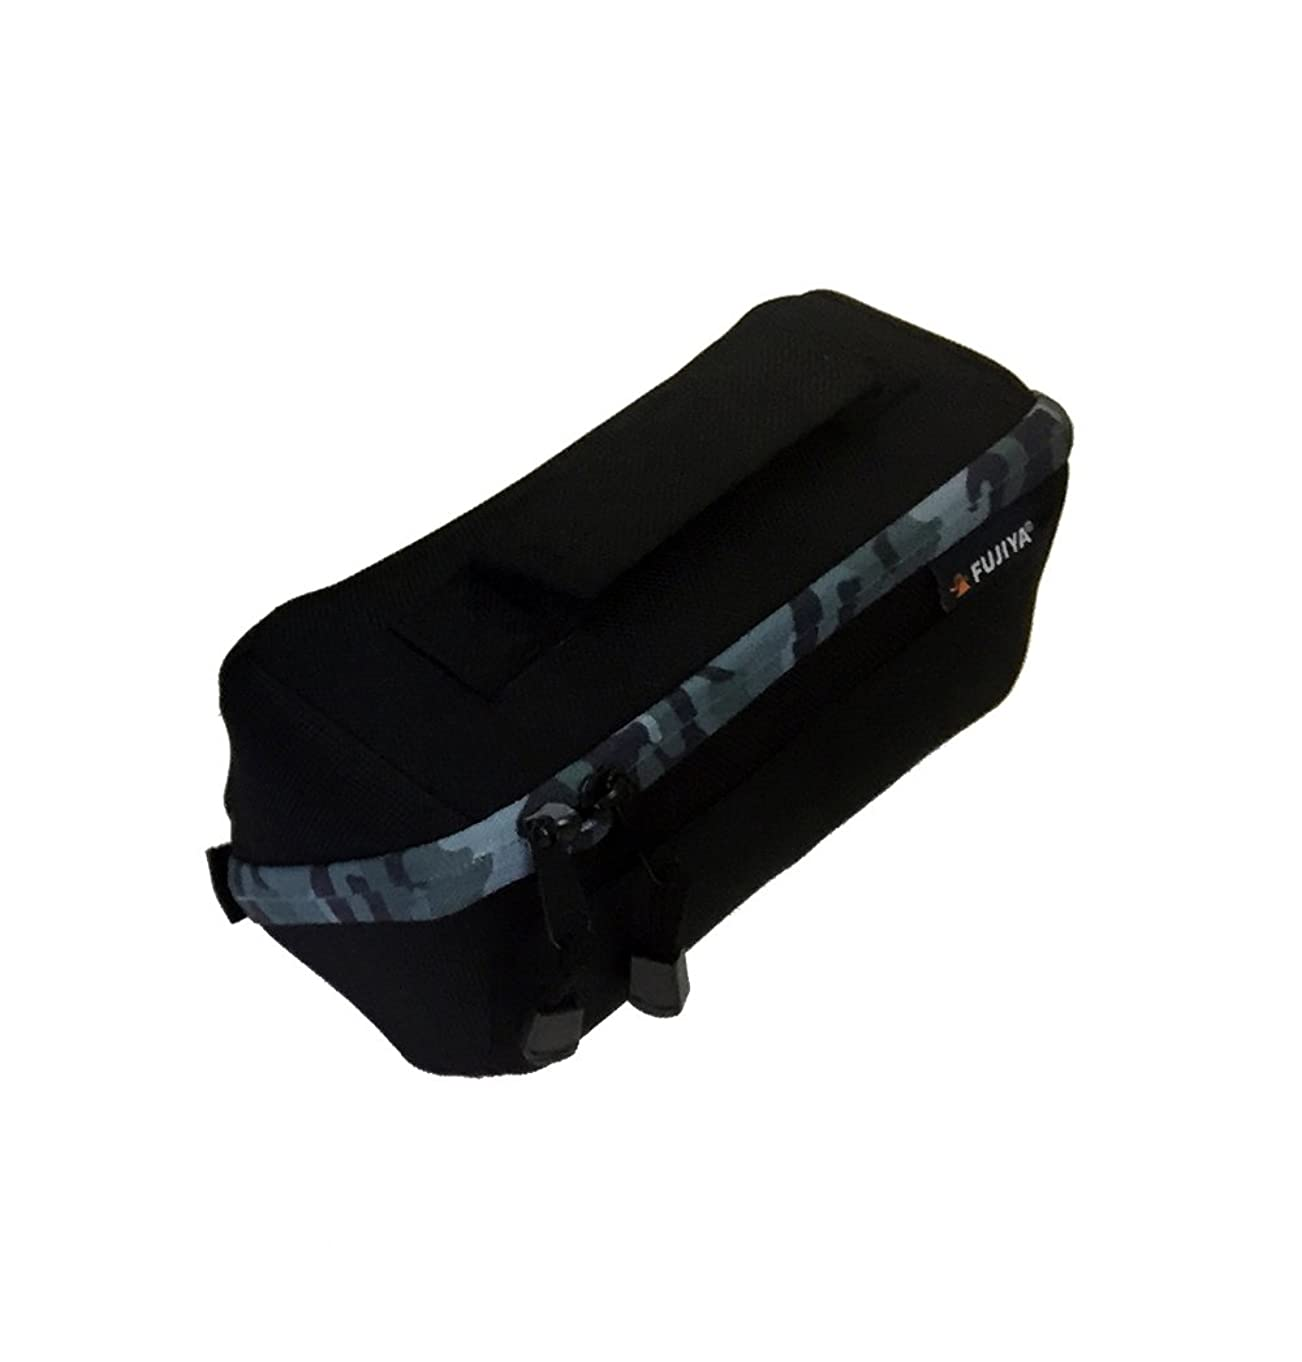 フジ矢(Fujiya) 布製工具ケース HIPPO CASE FHC-SA ガバッと開いて中身が見やすい 迷彩グレー